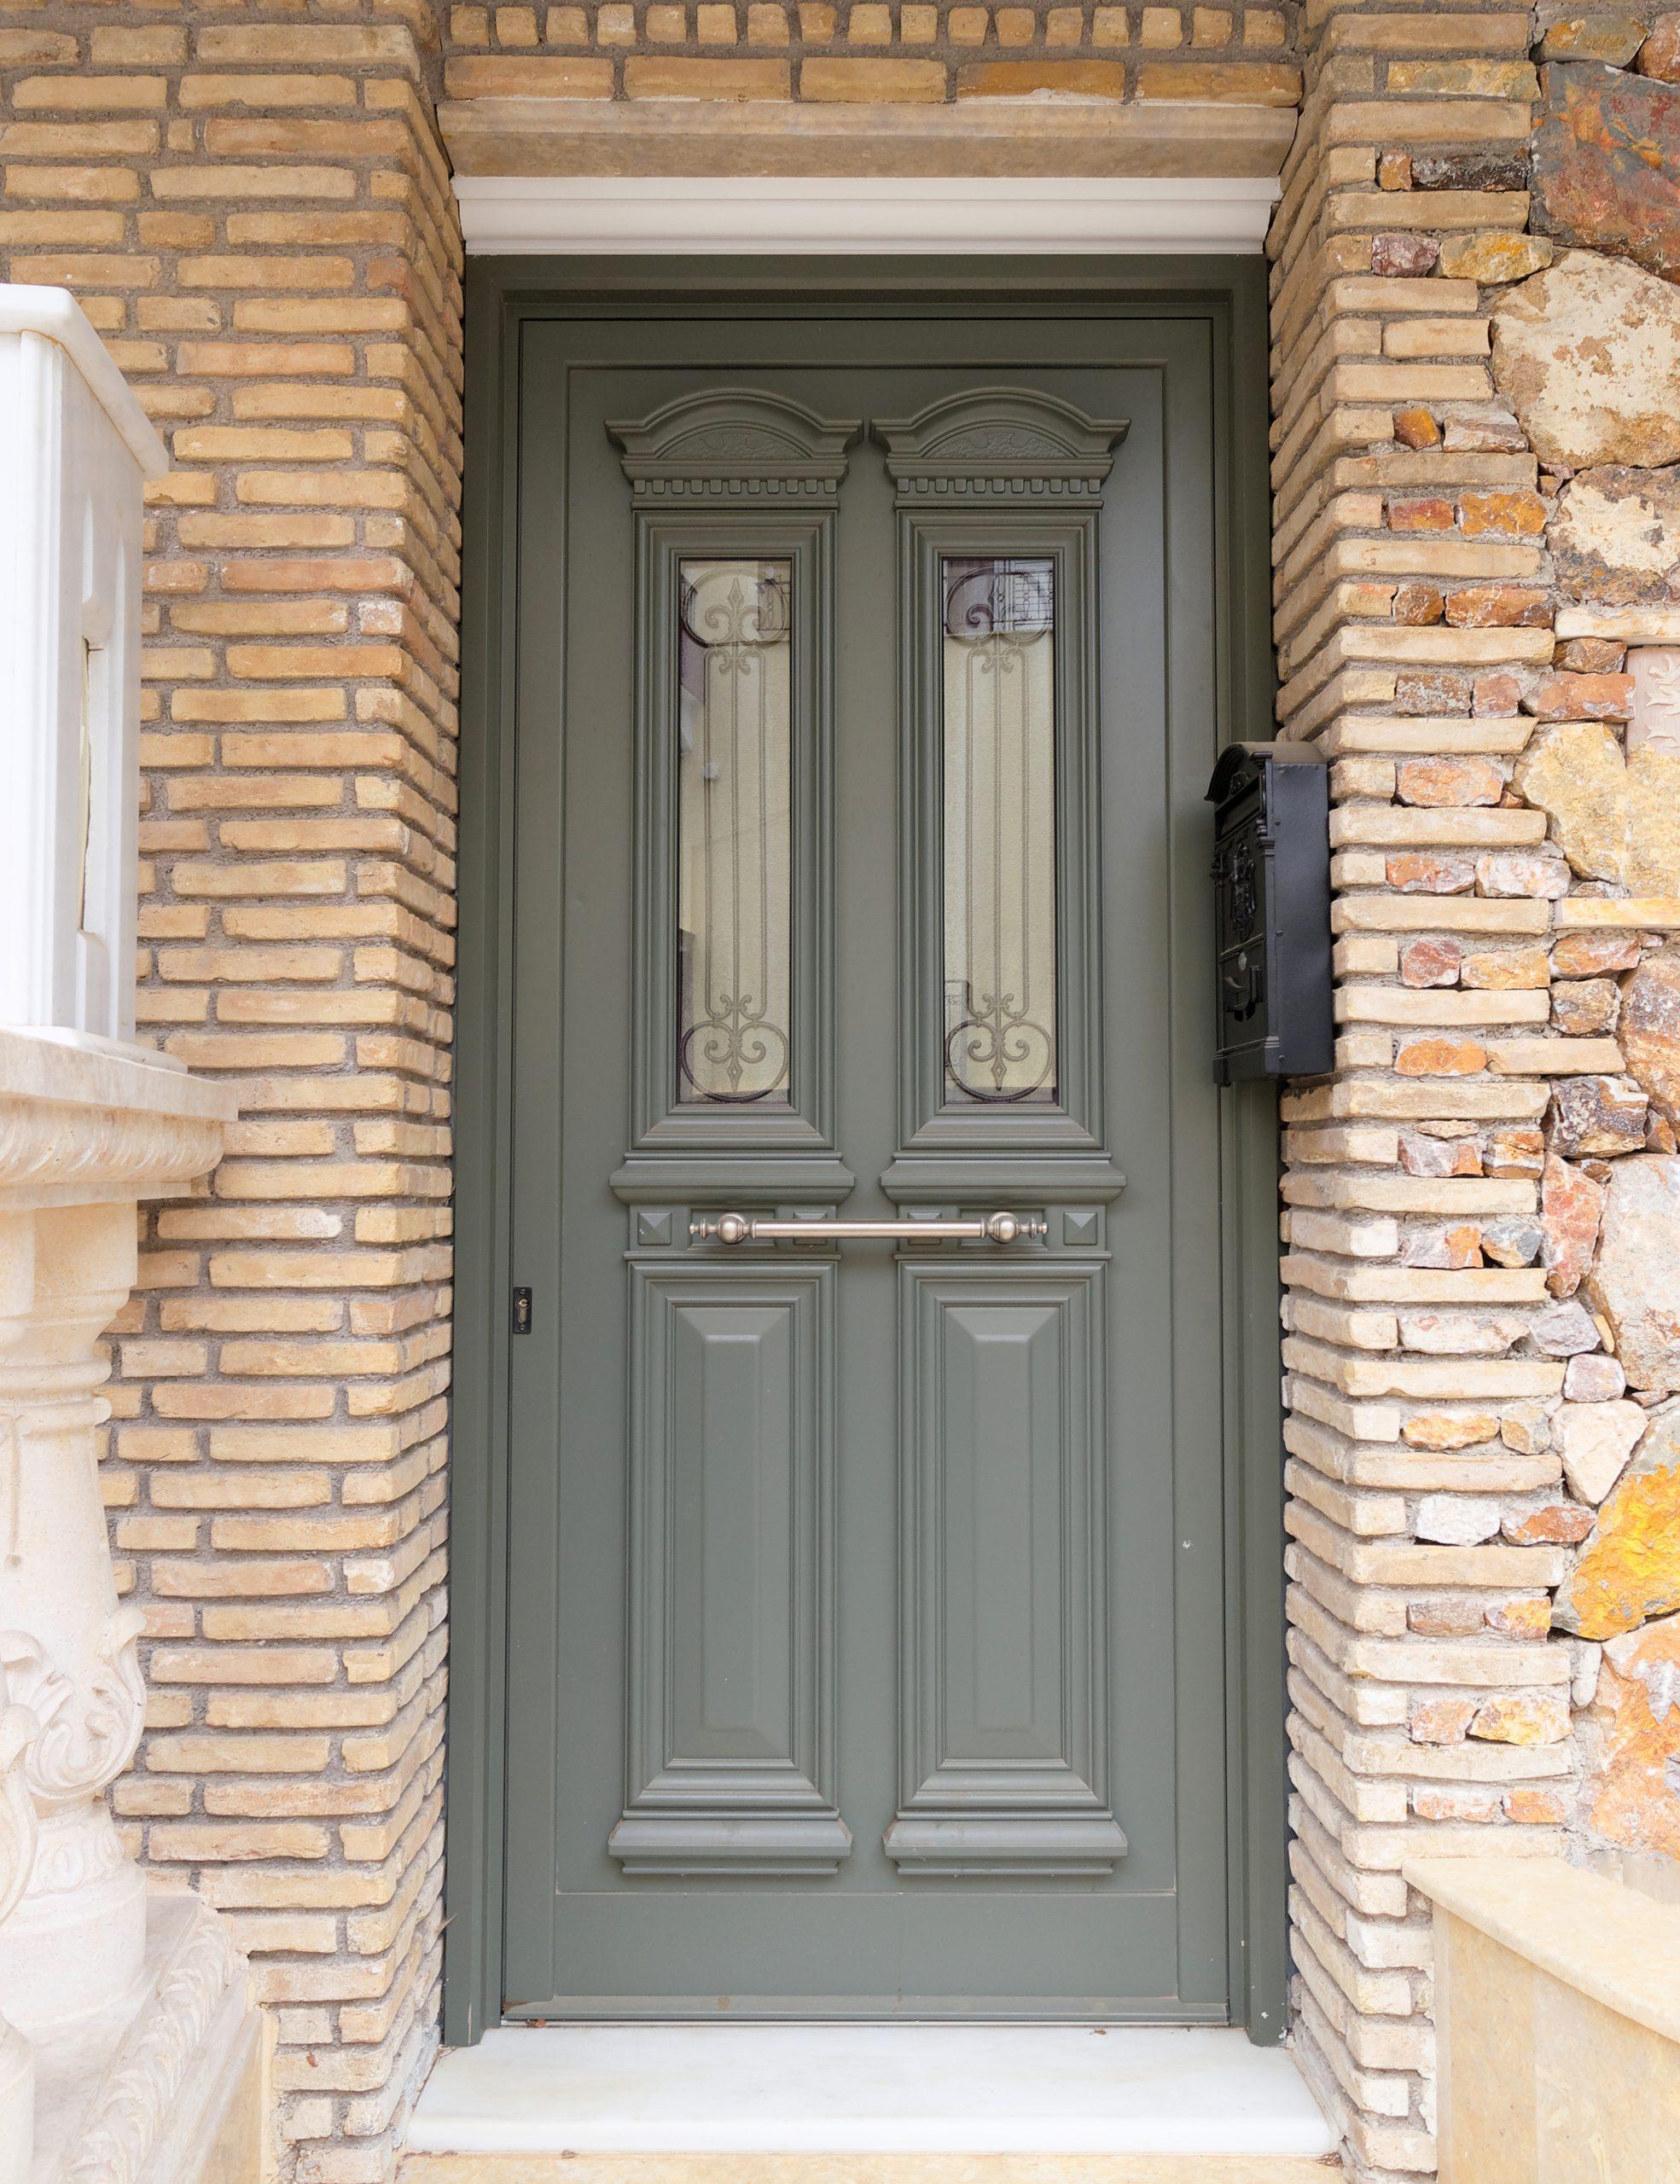 דלת כניסה מעוצבת עם חלון זכוכית וסורג